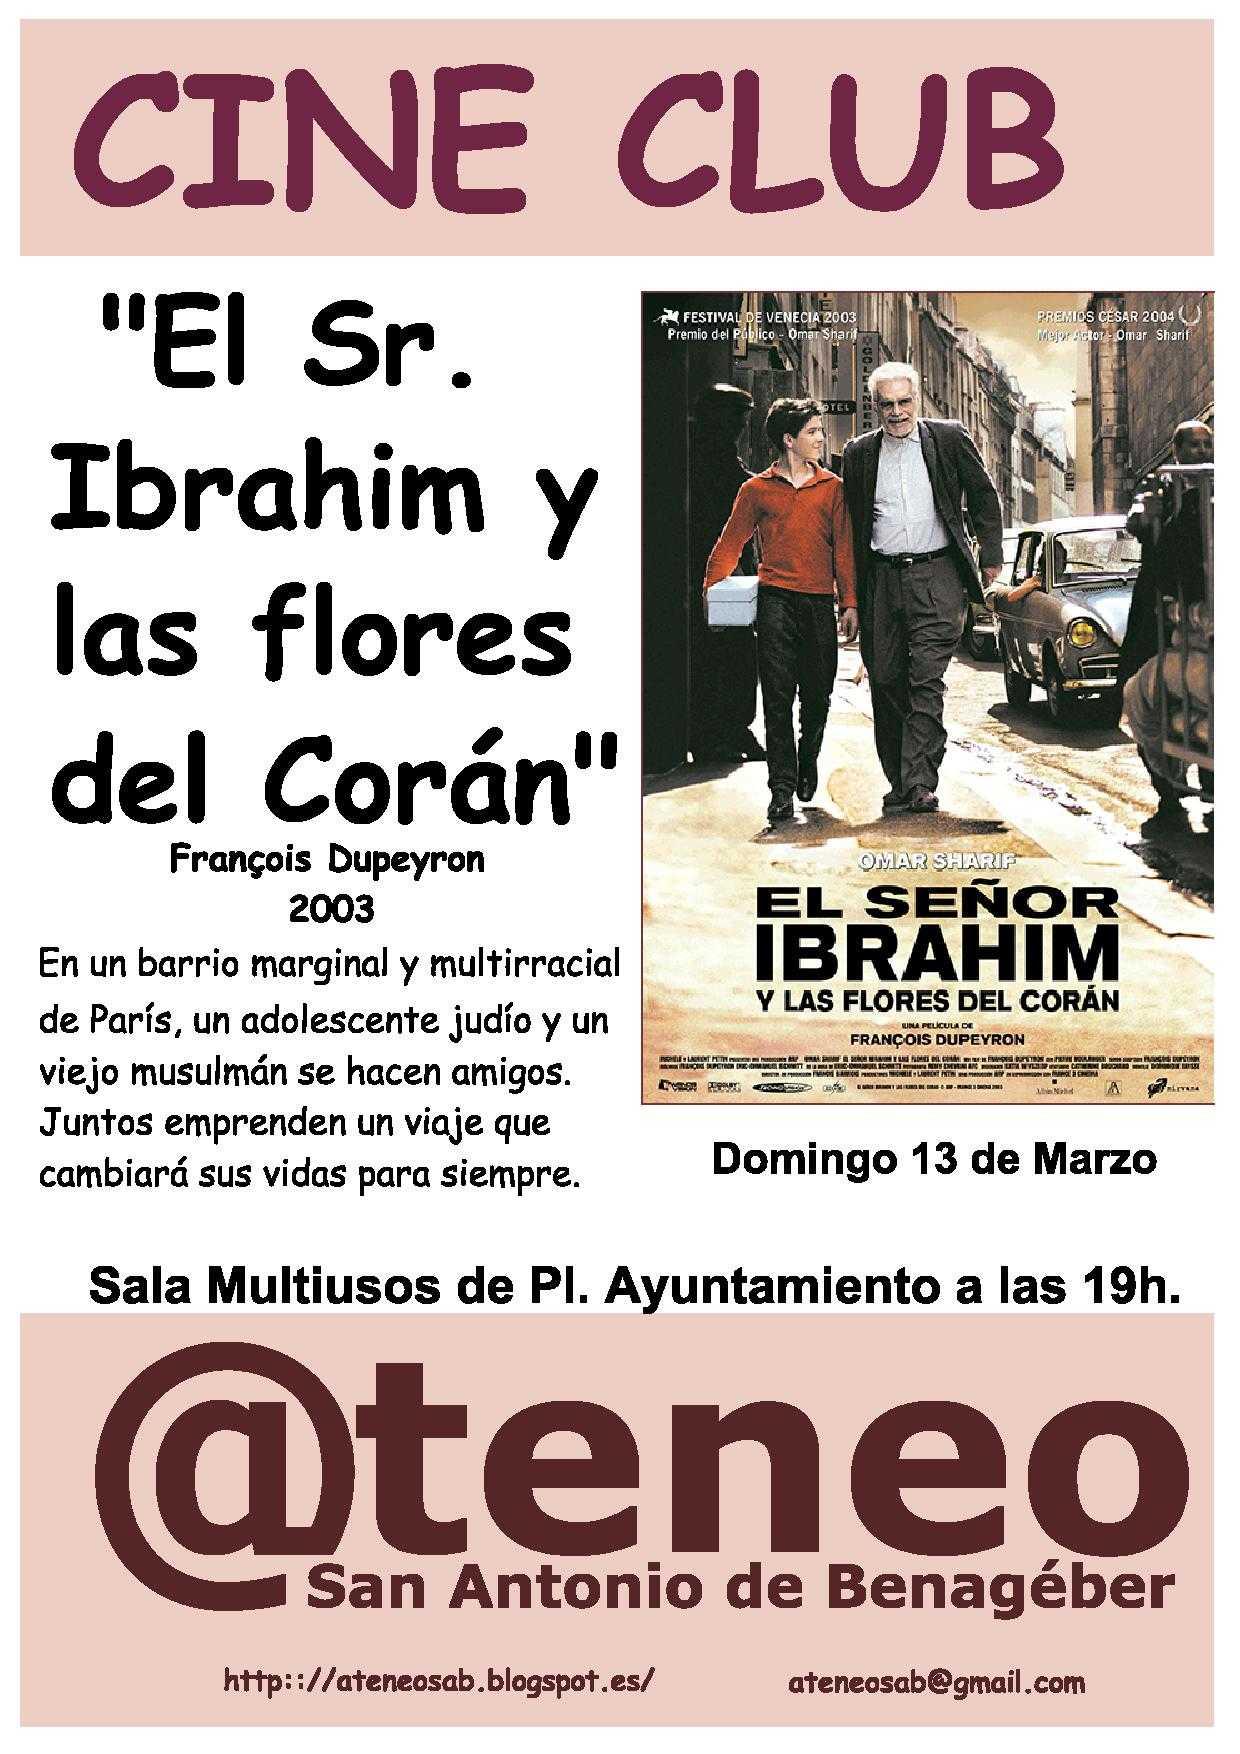 CINECLUB el Sr. Ibrahim